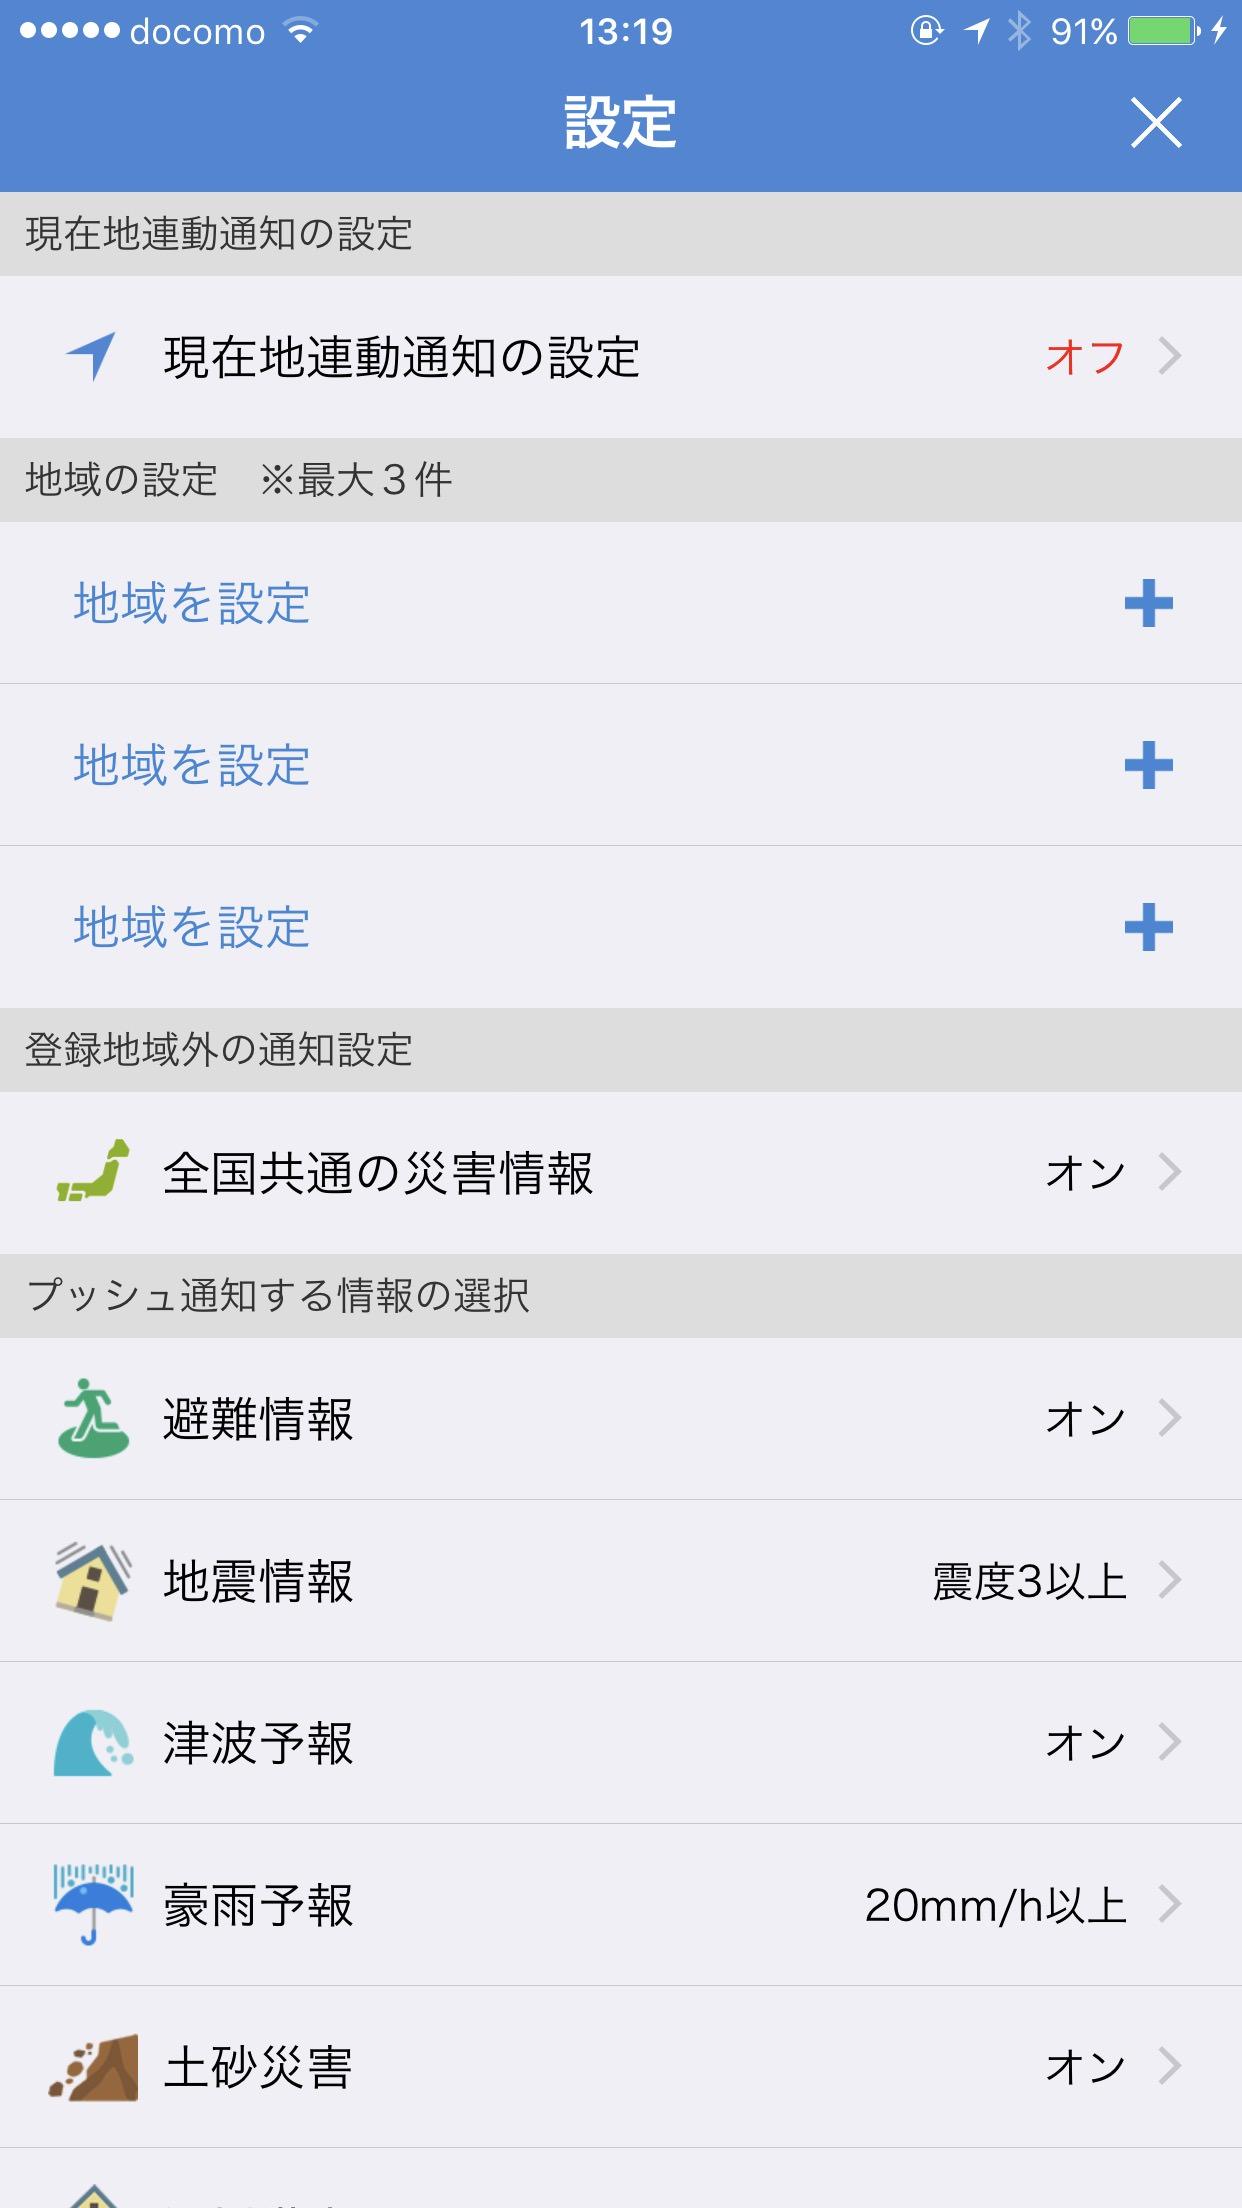 Yahoo bousai 6764